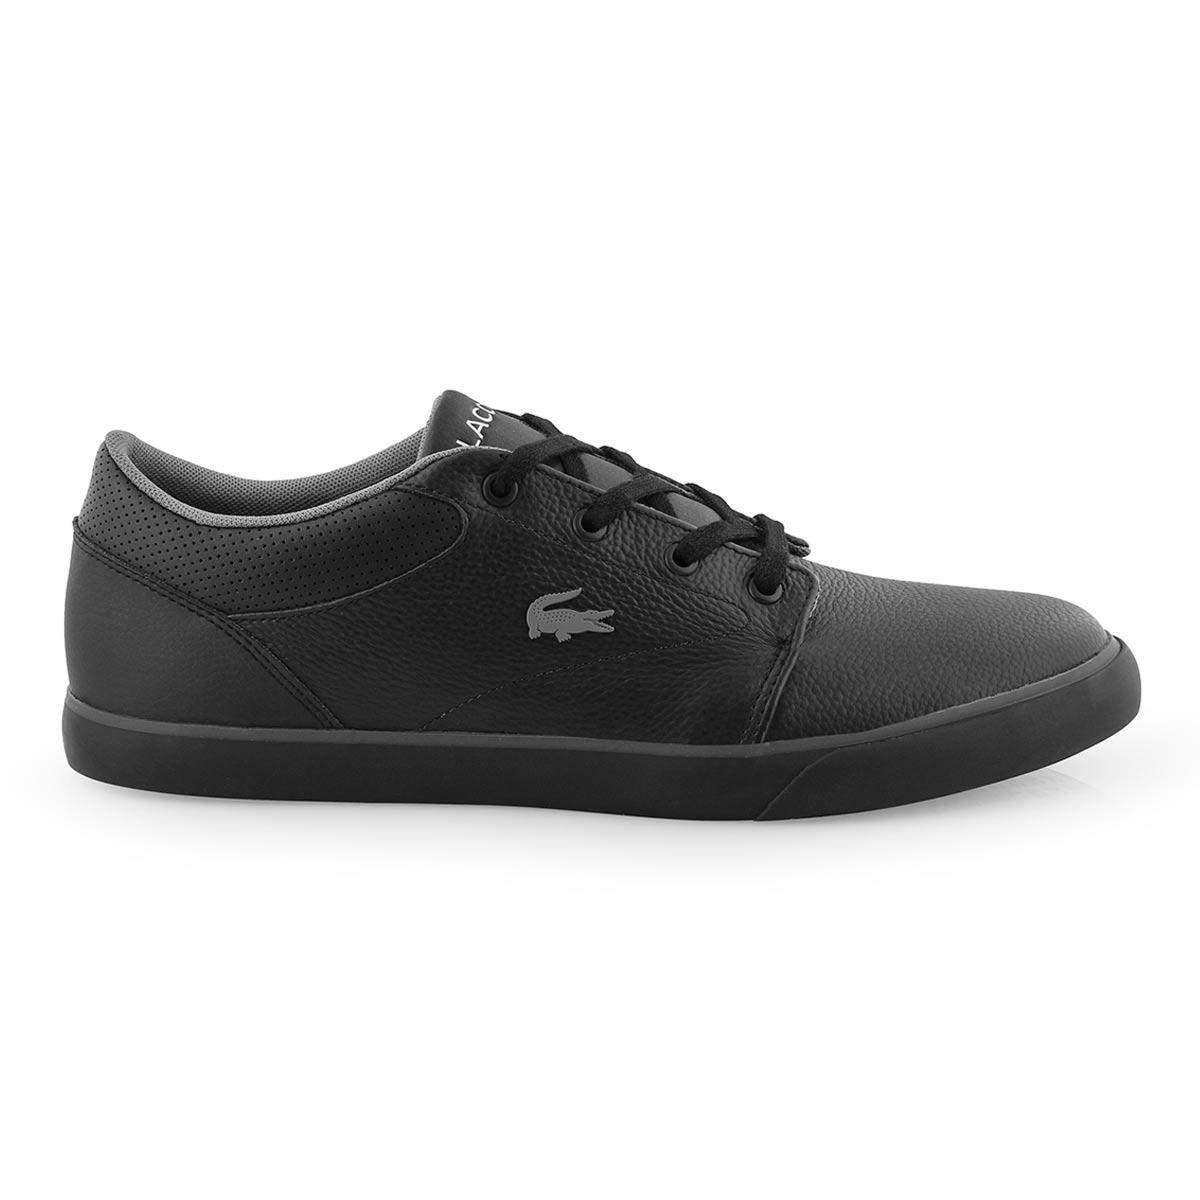 Mns Minzah 119 blk/blk lace up sneaker